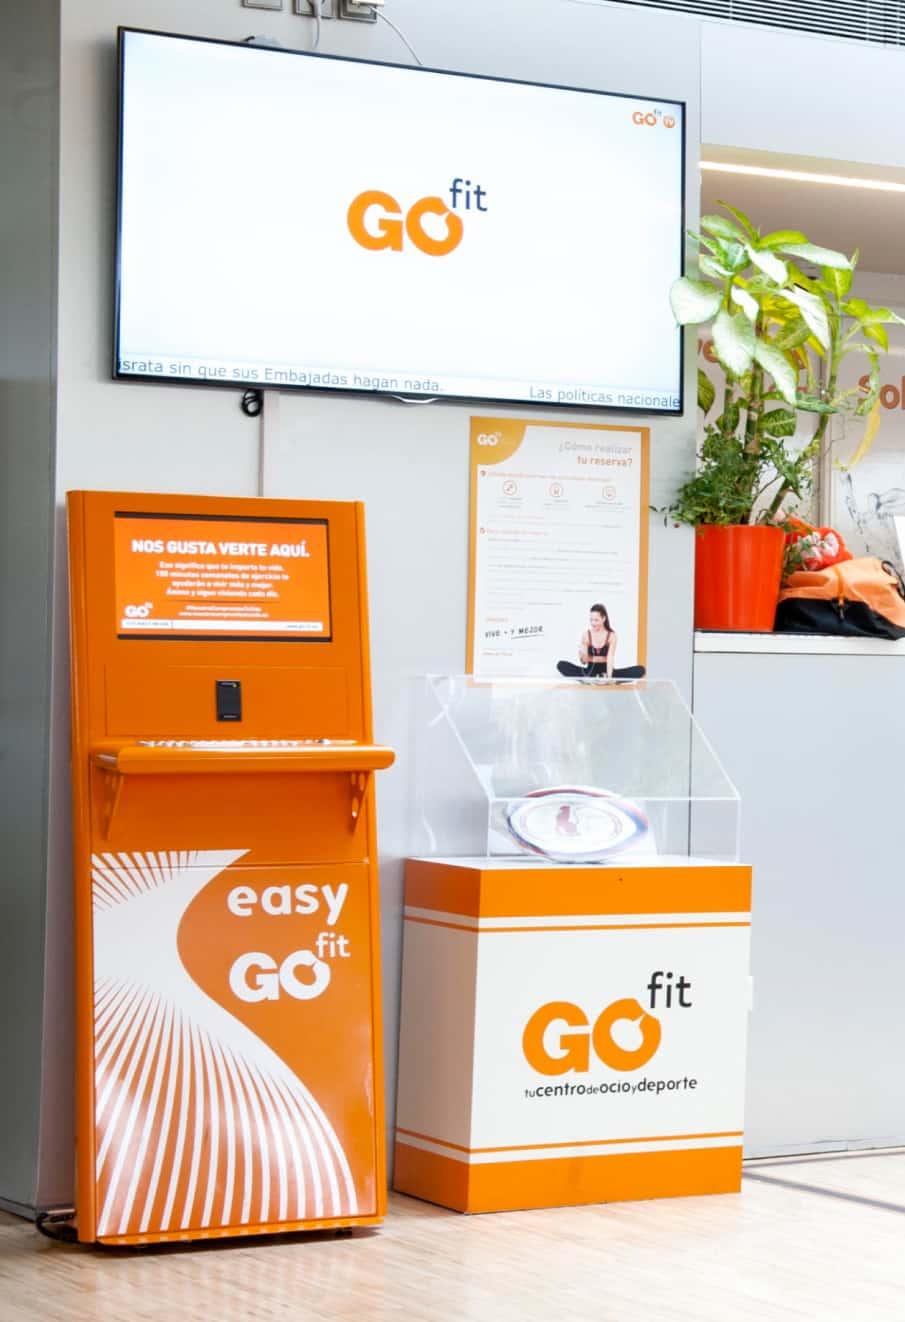 Stand del gimnasio Go Fit digitalizado con pantalla de contenido de marca